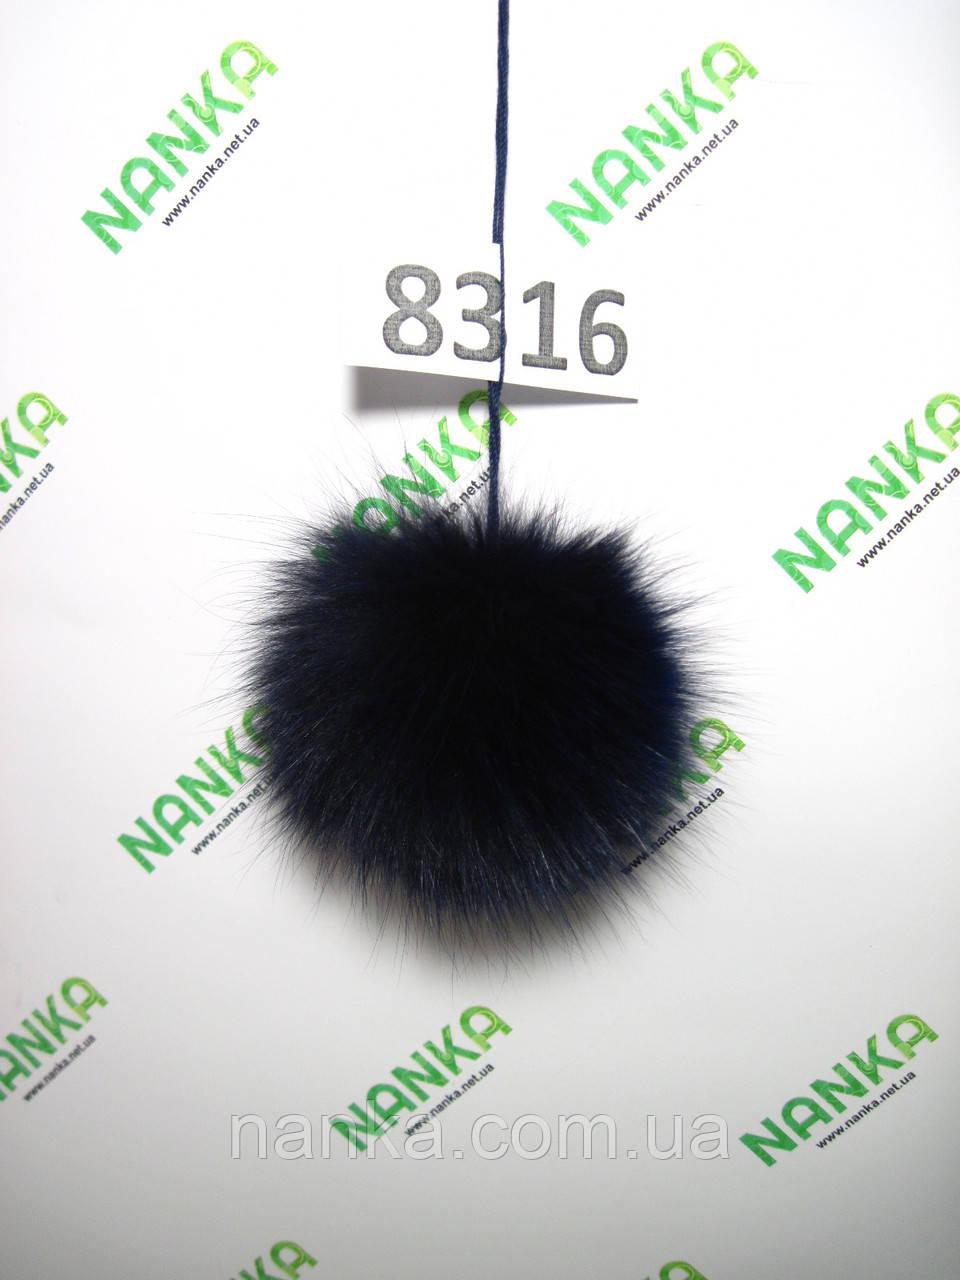 Меховой помпон Песец, Т. Синий, 8 см, 8316